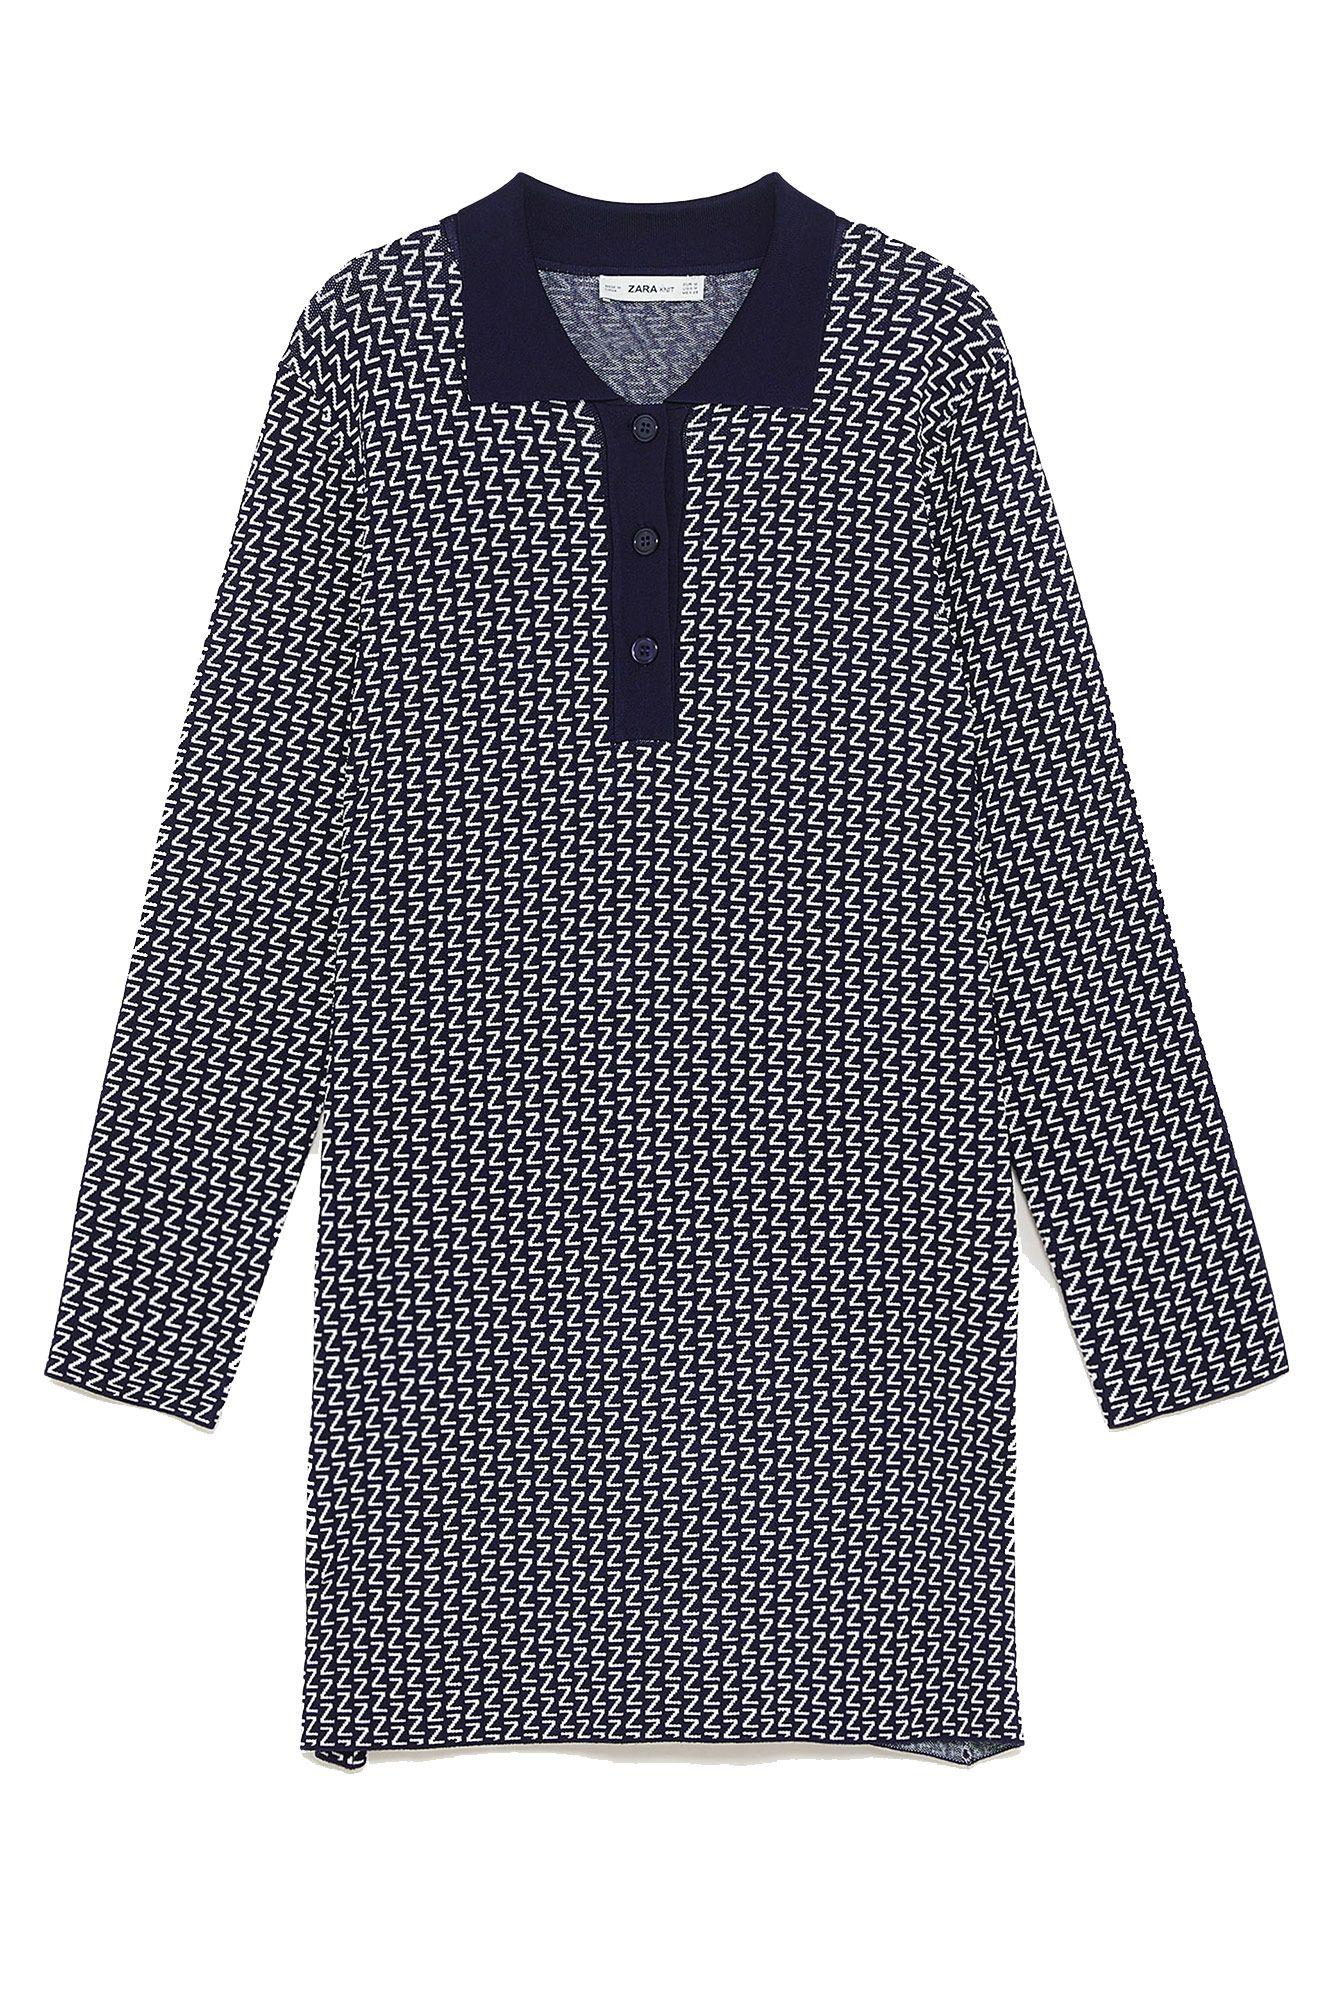 Rebajas Zara: Must de temporada Qué prendas comprar en las